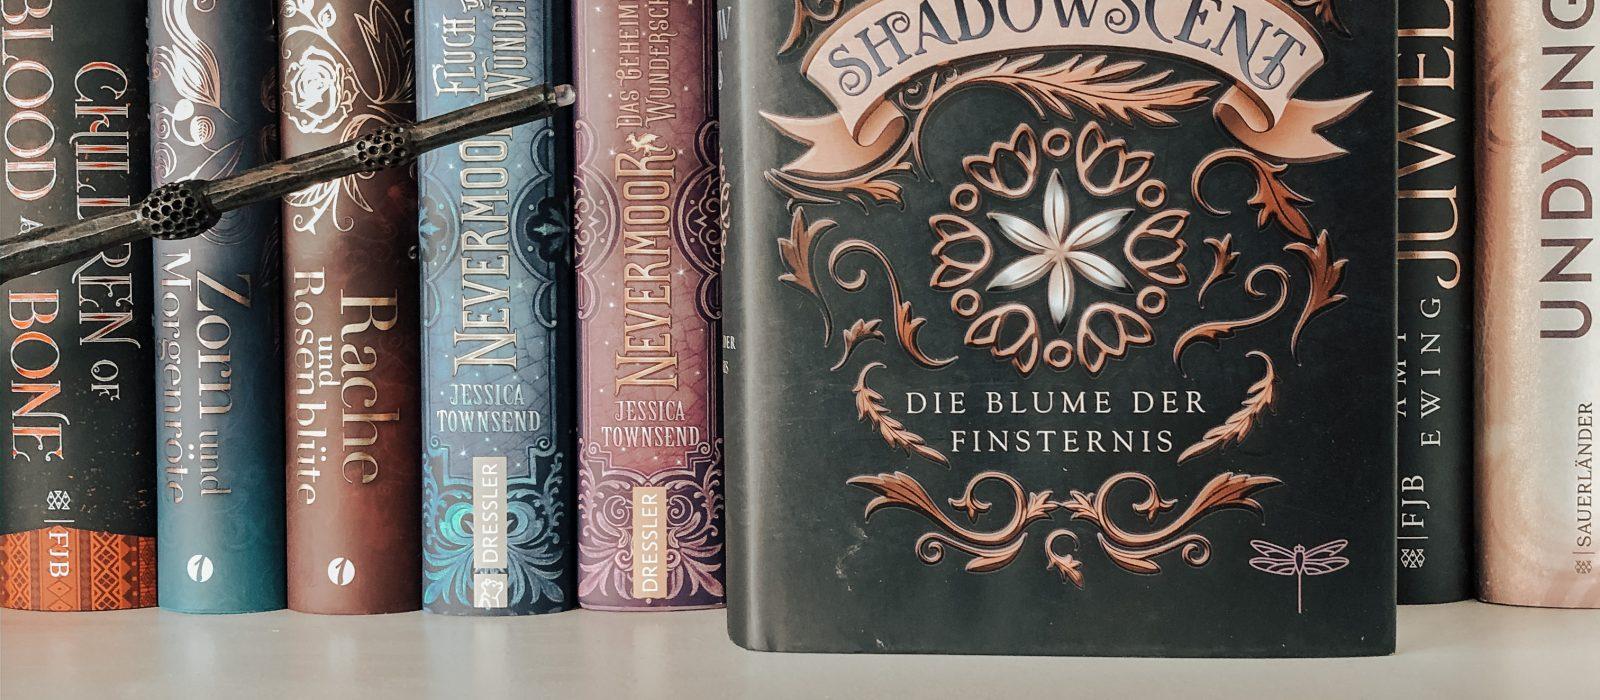 Shadowscent: Die Blume der Finsternis – P.M. Freestone | Rezension